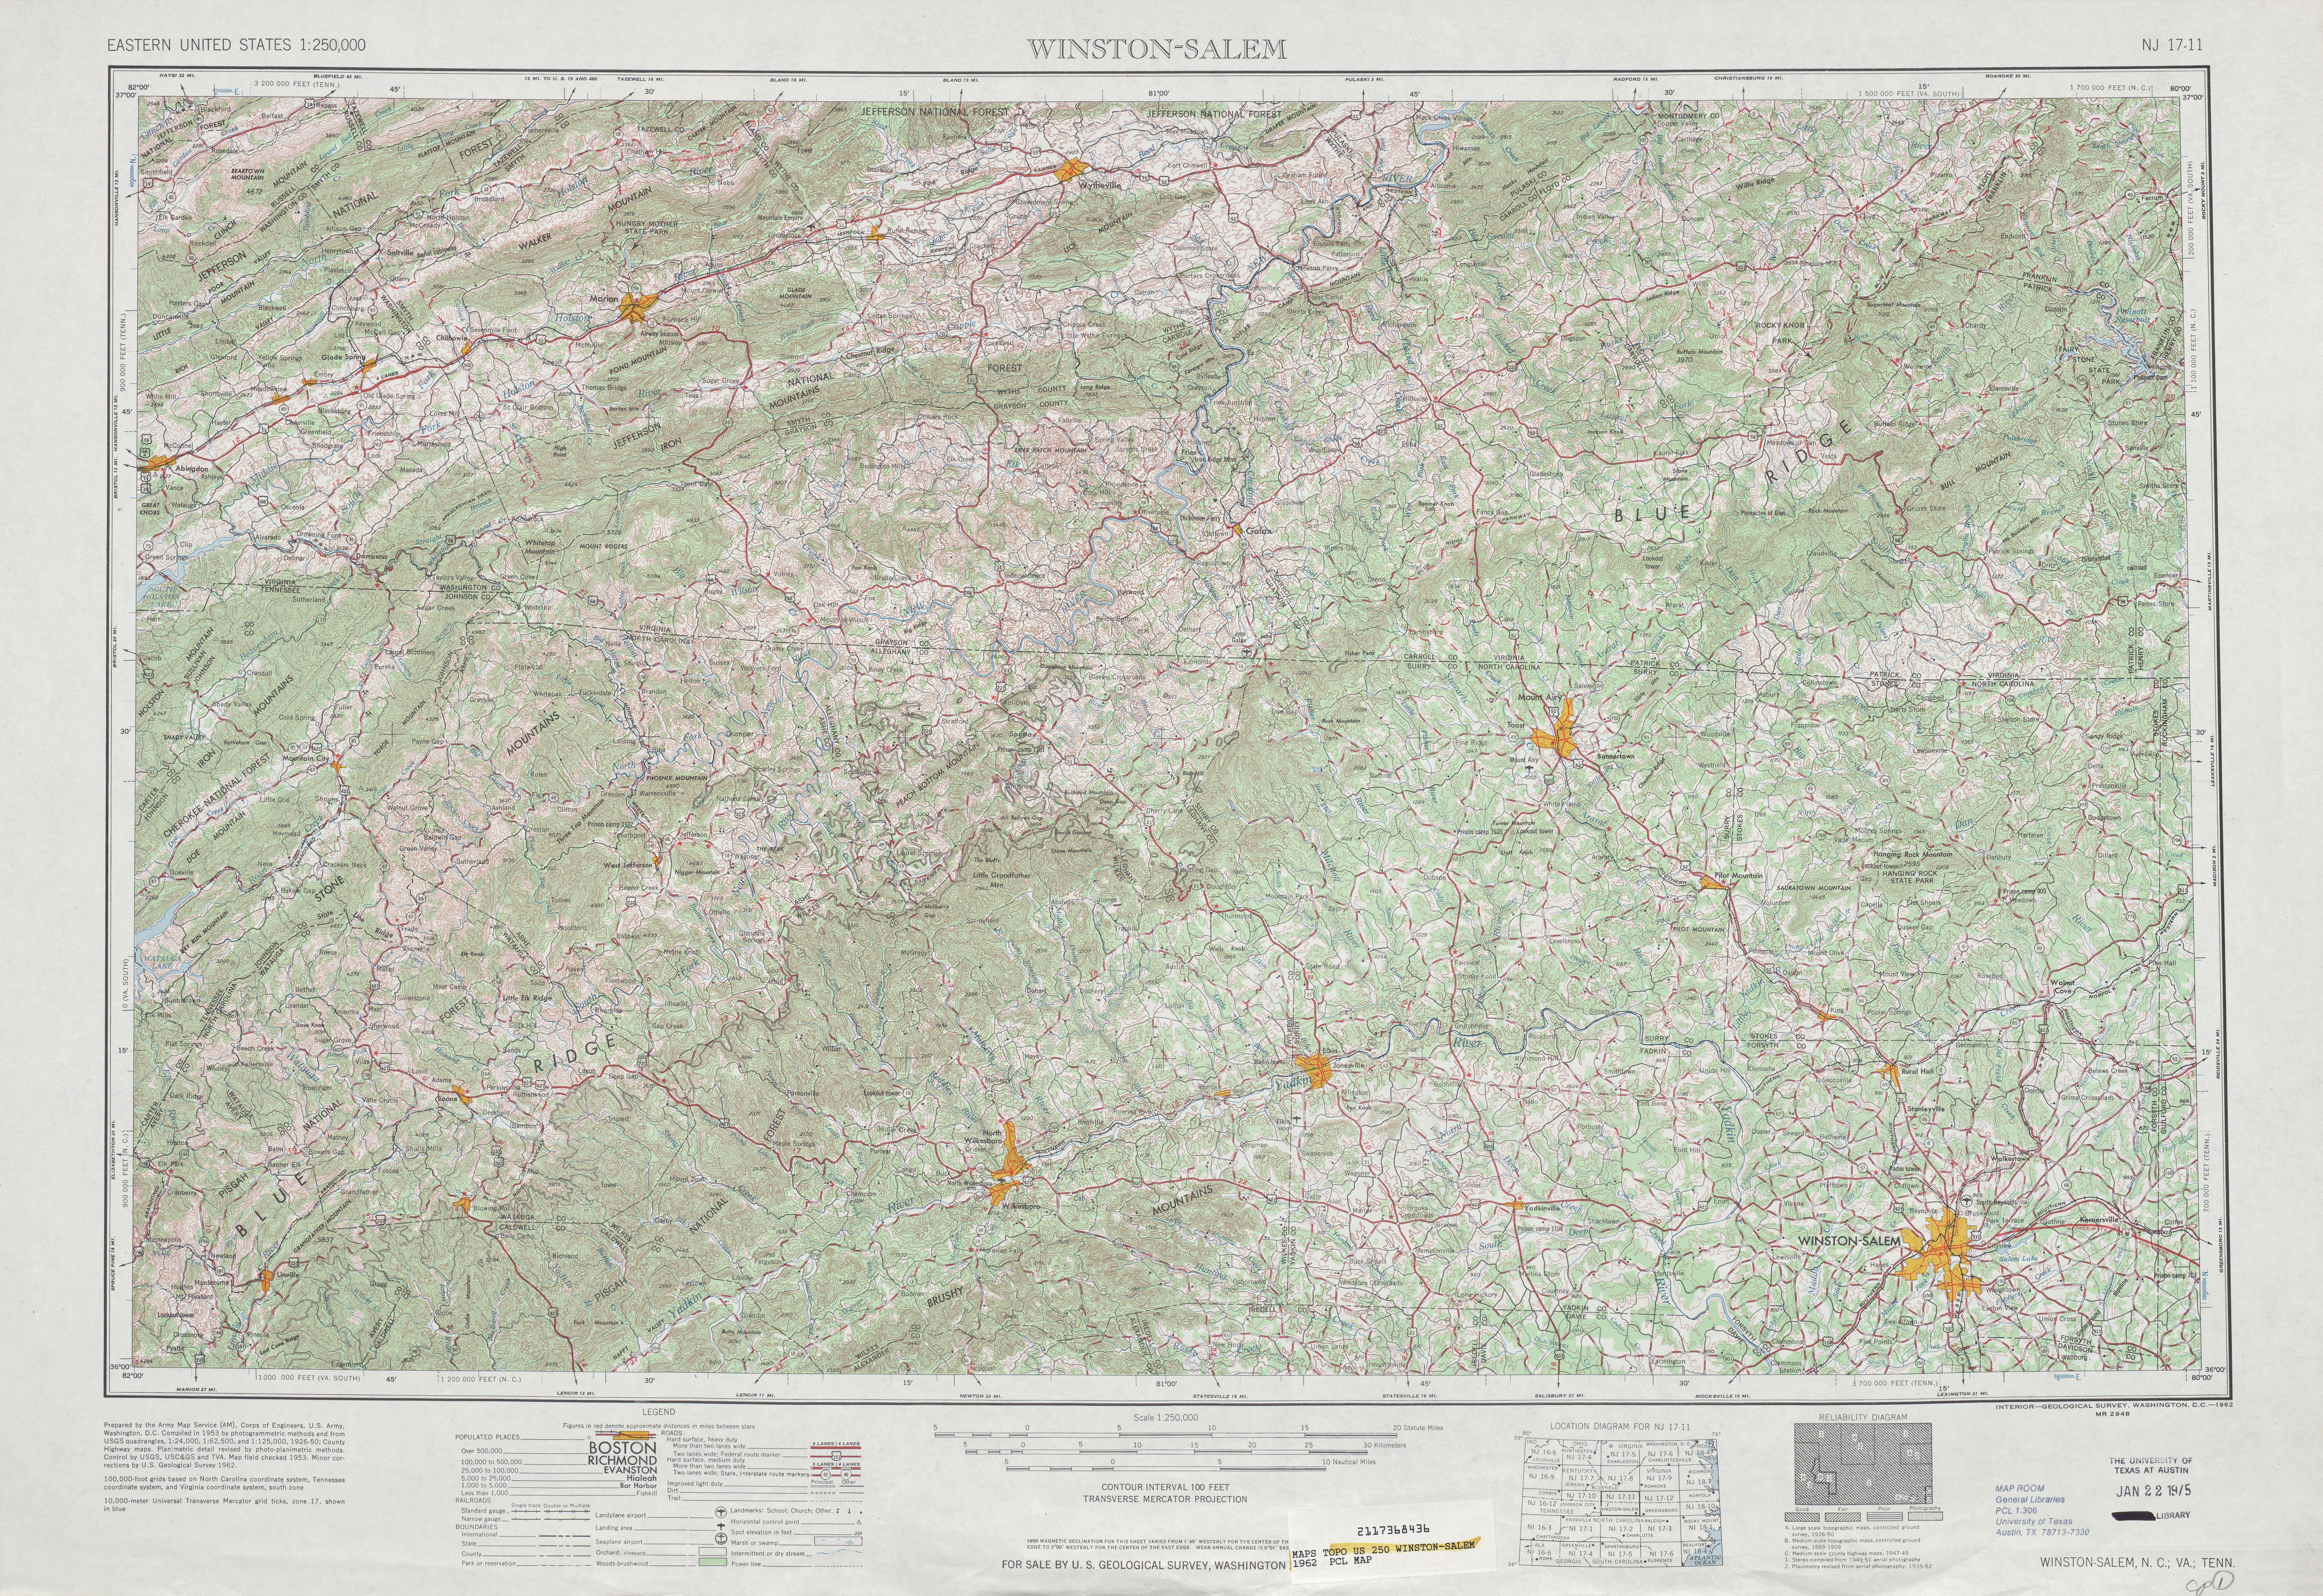 Hoja Winston Salem del Mapa Topográfico de los Estados Unidos 1962